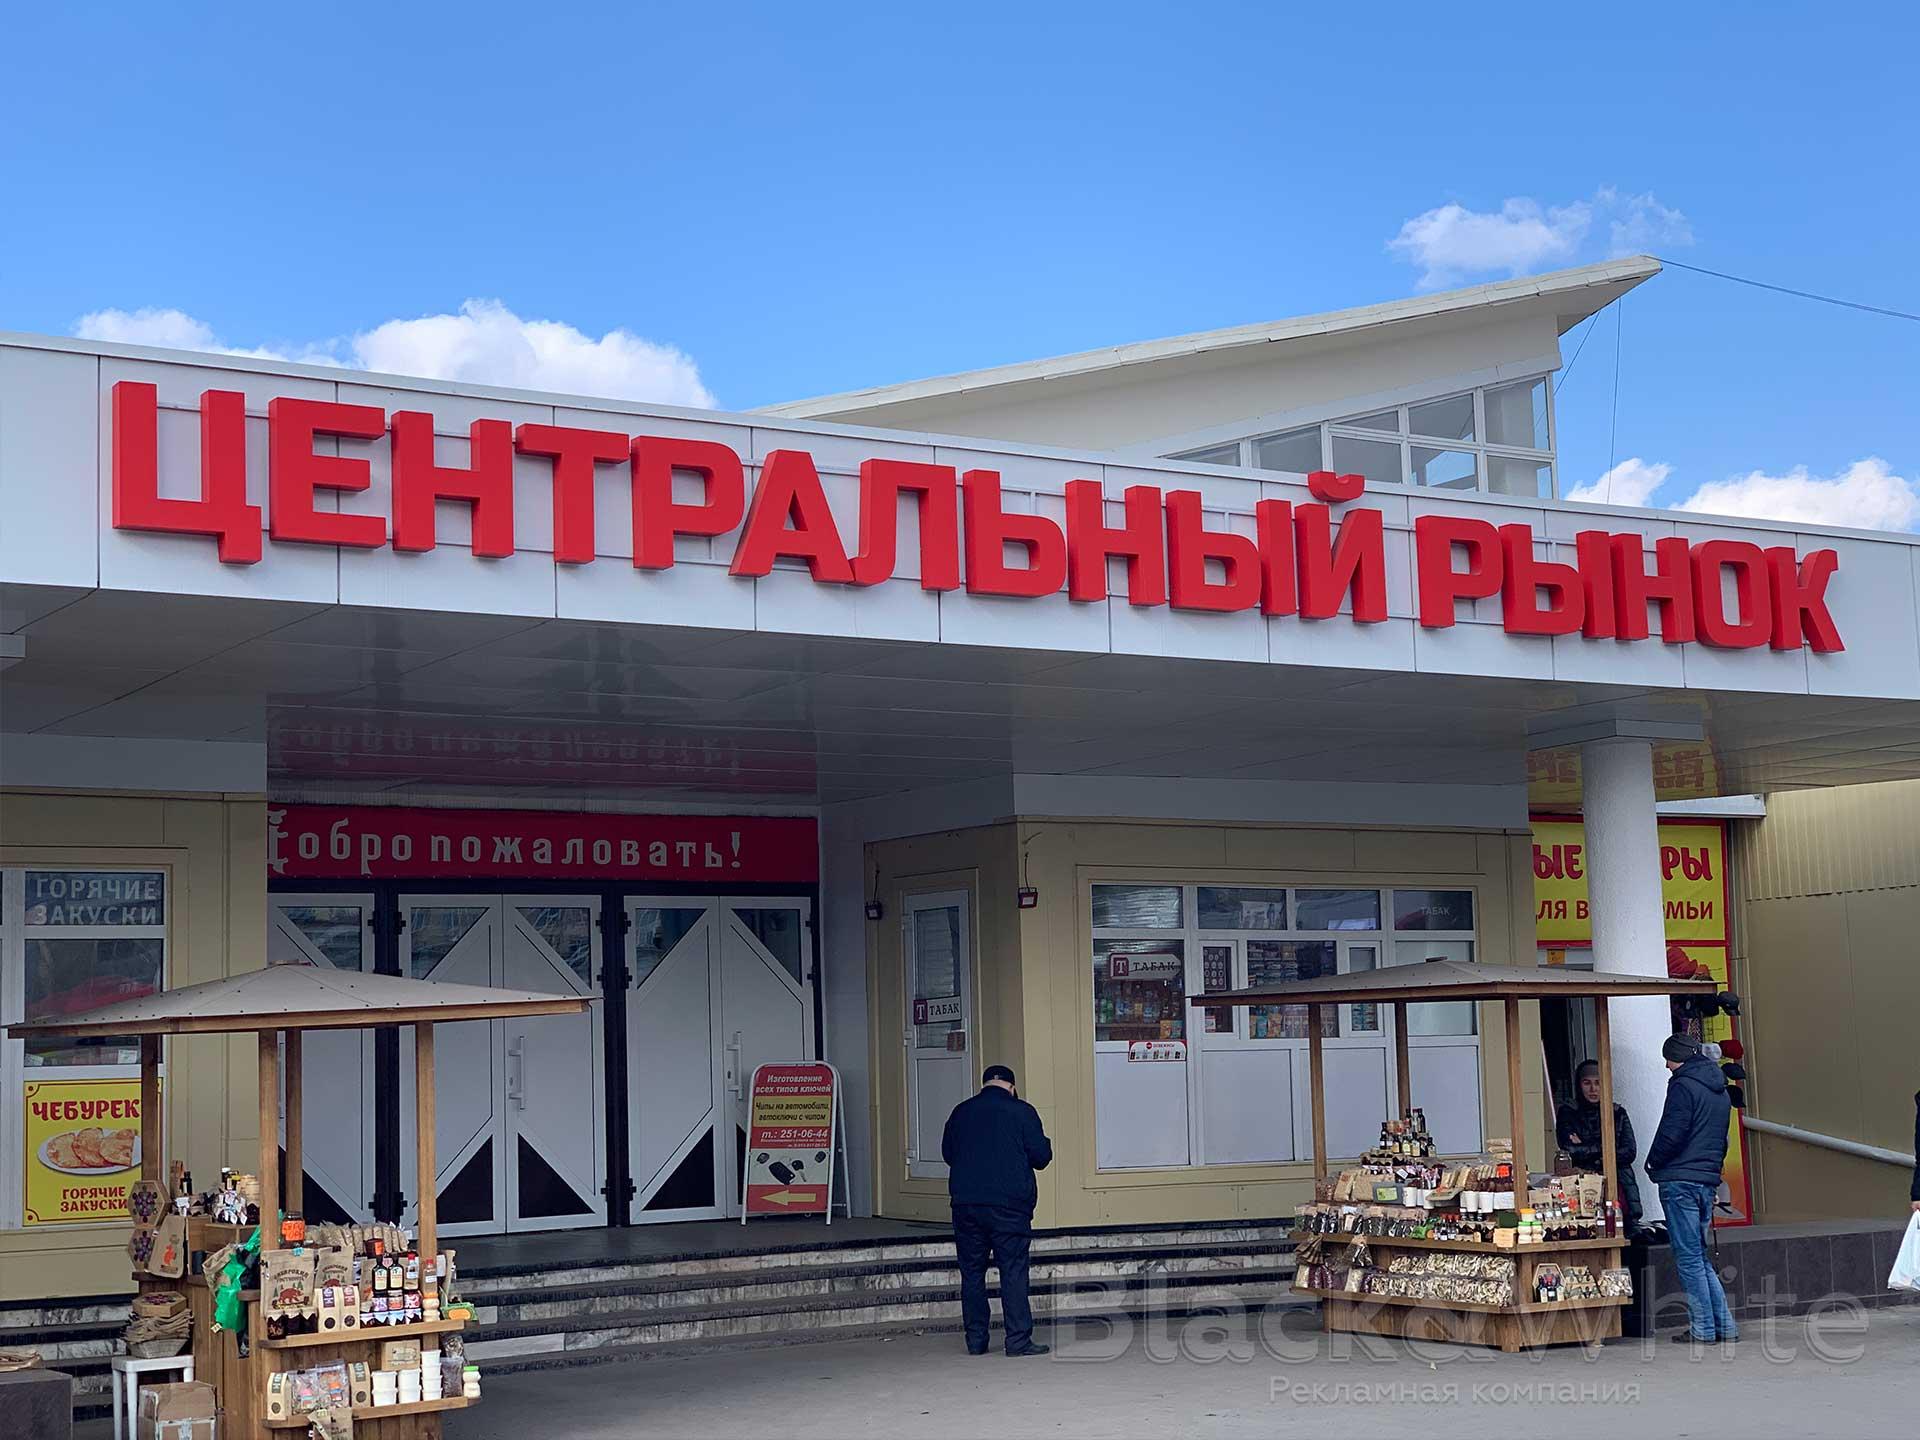 вывеска-для-центрального-рынка-со-световыми-объёмными-буквами-на-металлокаркасе-в-Красноярске-bw.jpg